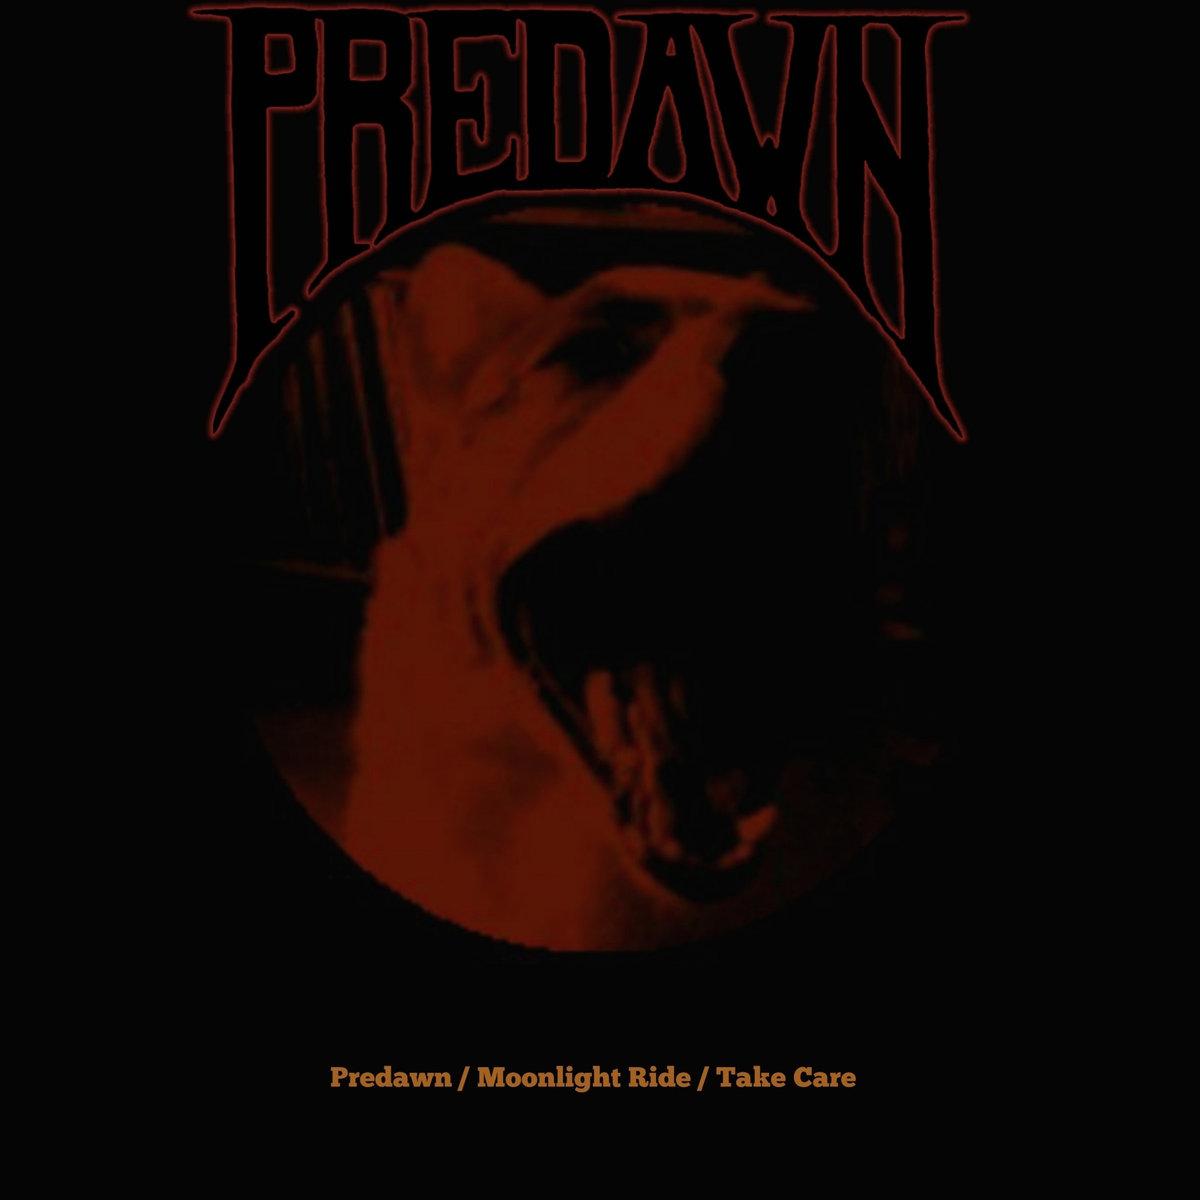 Predawn - Predawn / Moonlight Ride / Take Care